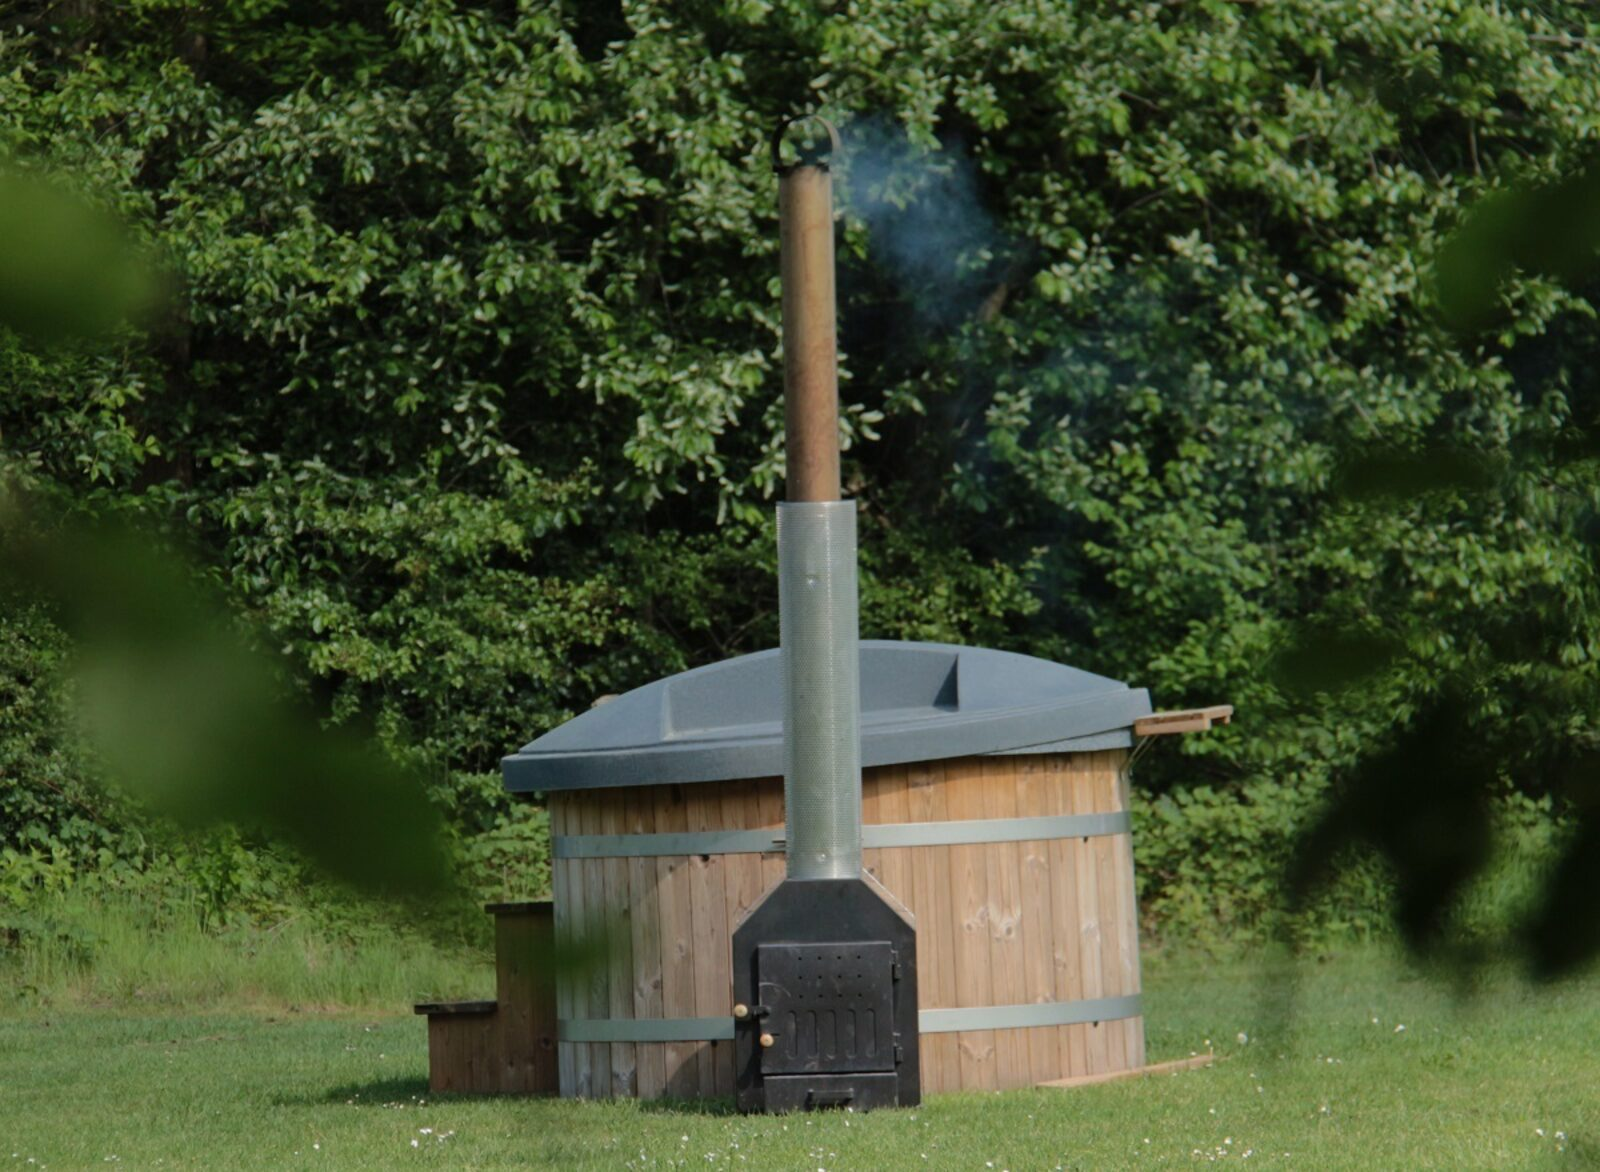 Bungalow mit Holzbefeuerter Badezuber